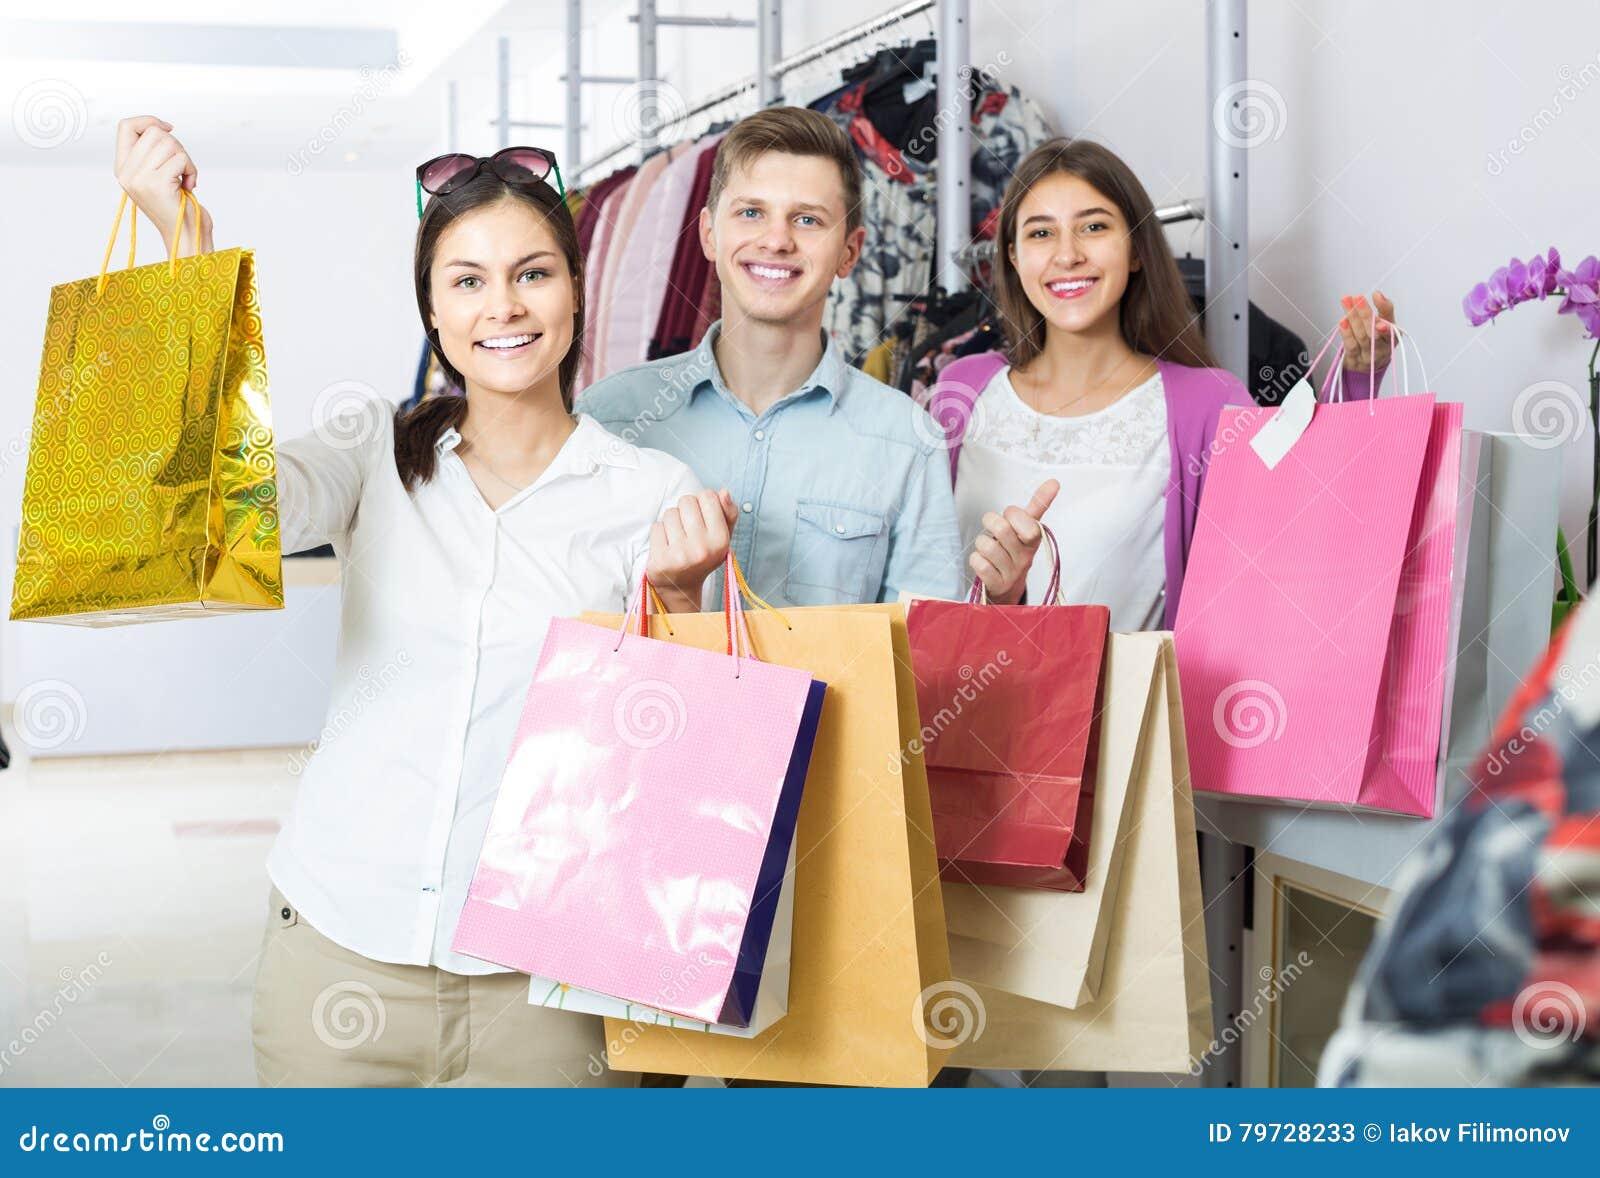 Adultos en el buen humor que celebra bolsos en la tienda de ropa